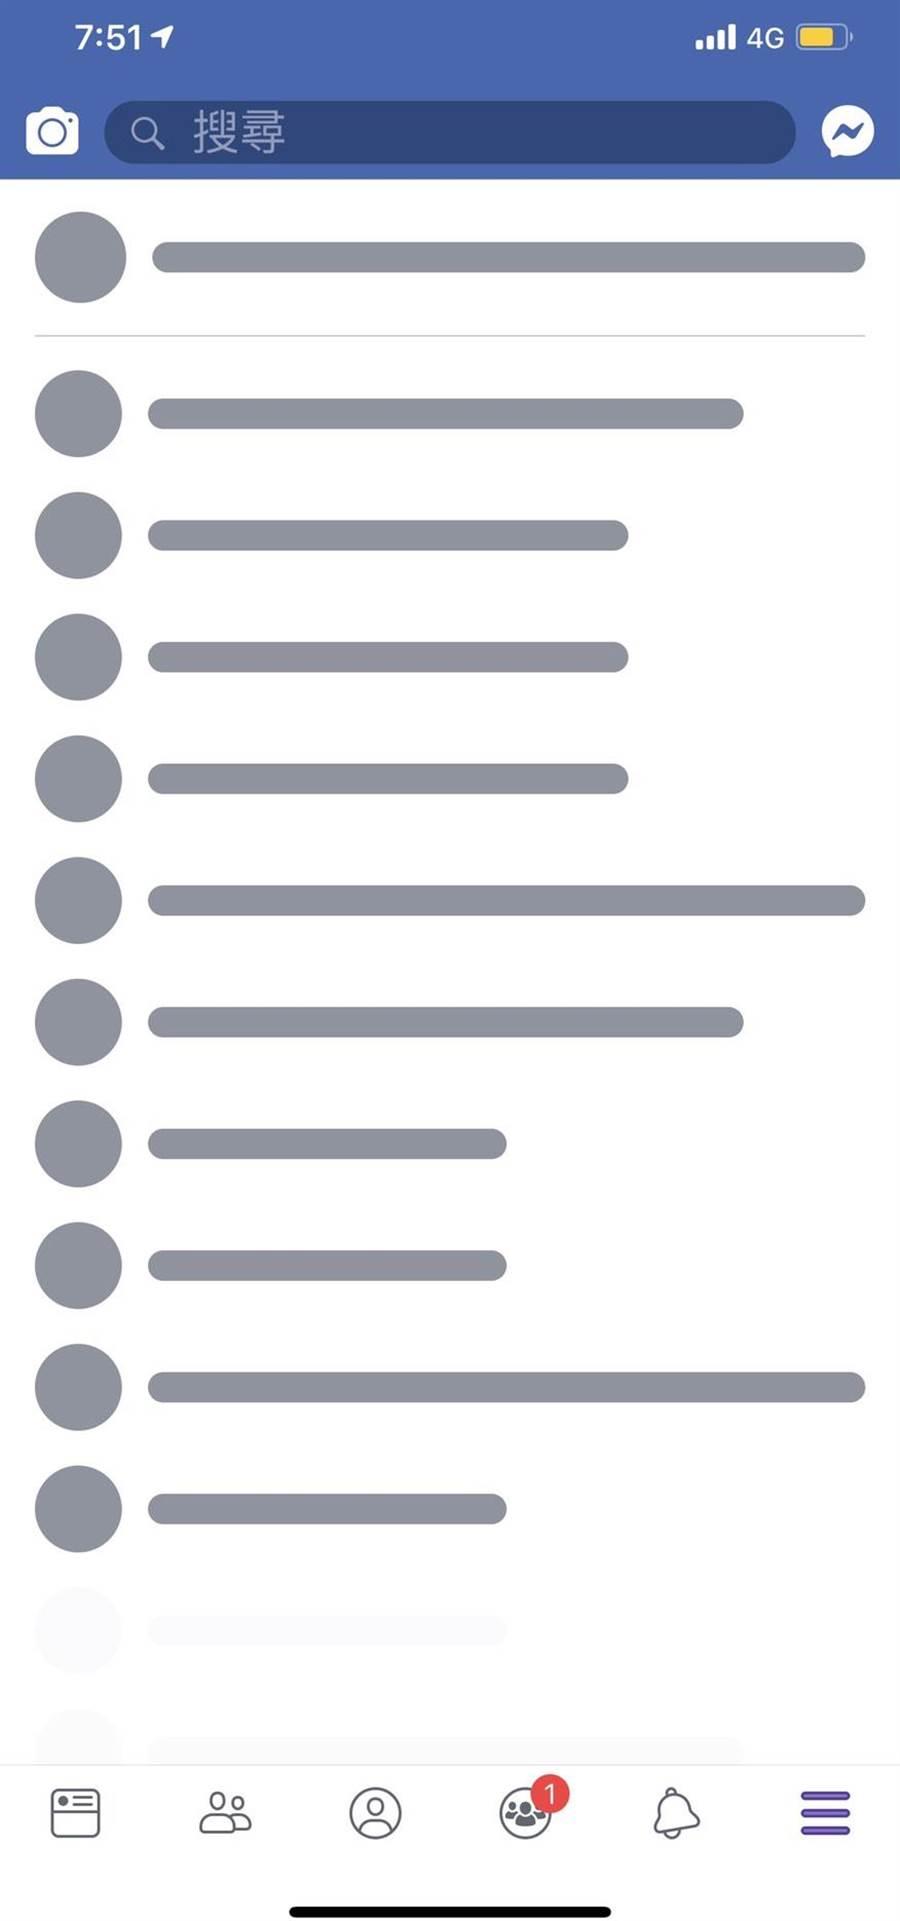 用戶表示,打開FB的APP時,就是無法看到別人PO文、無畫面的樣子。(圖/網友提供)